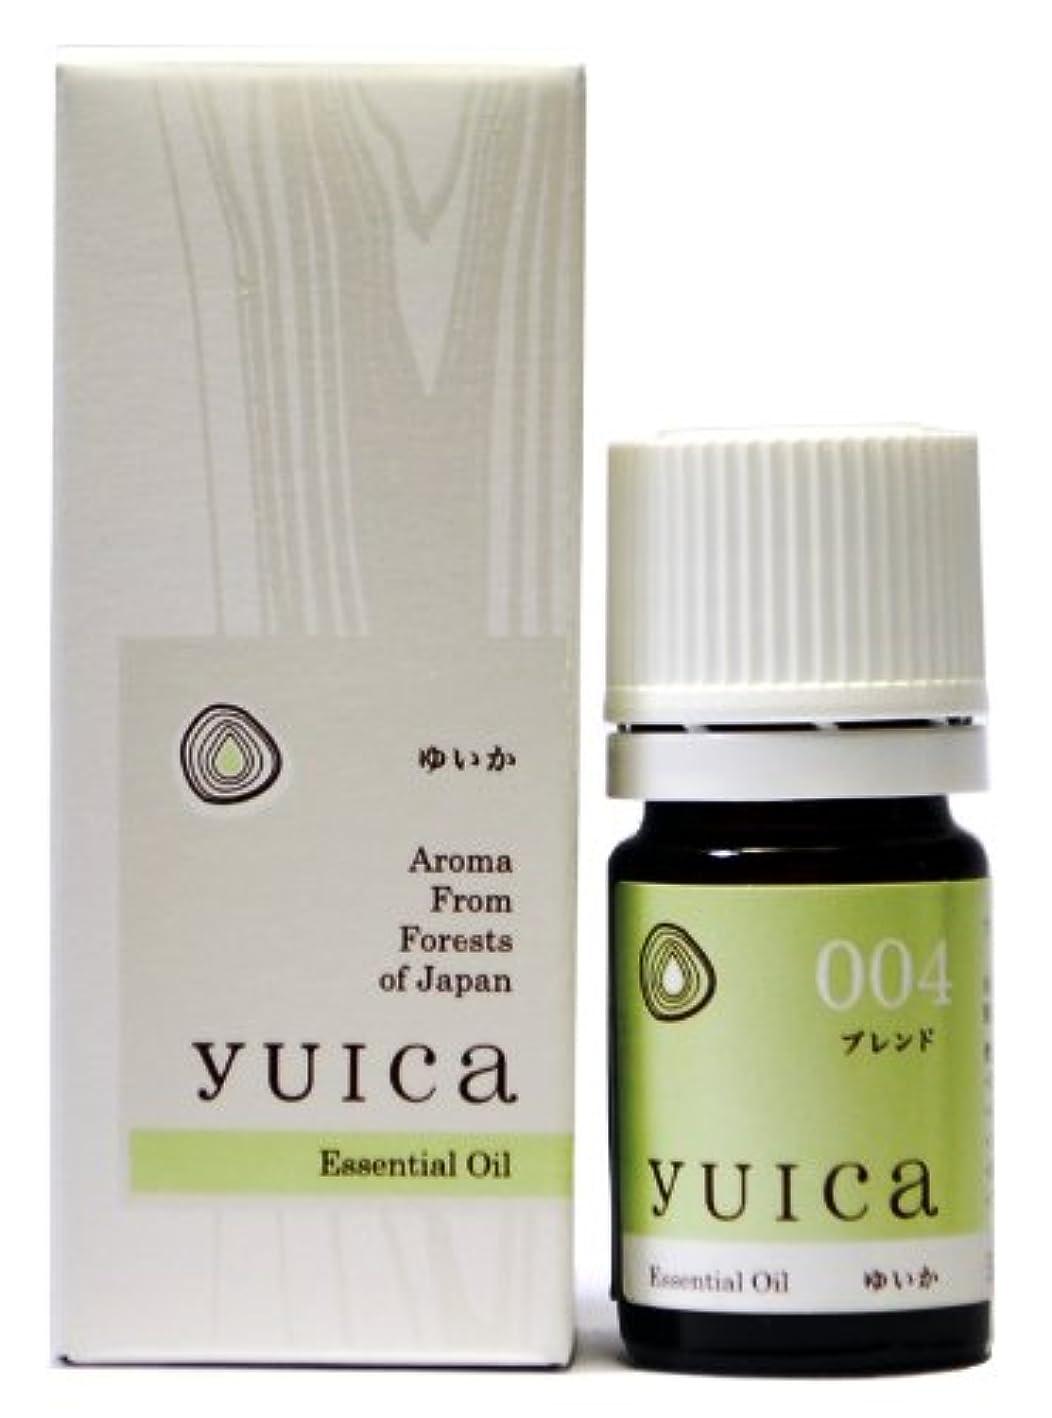 yuica エッセンシャルオイル(きよらかブレンド) 5mL